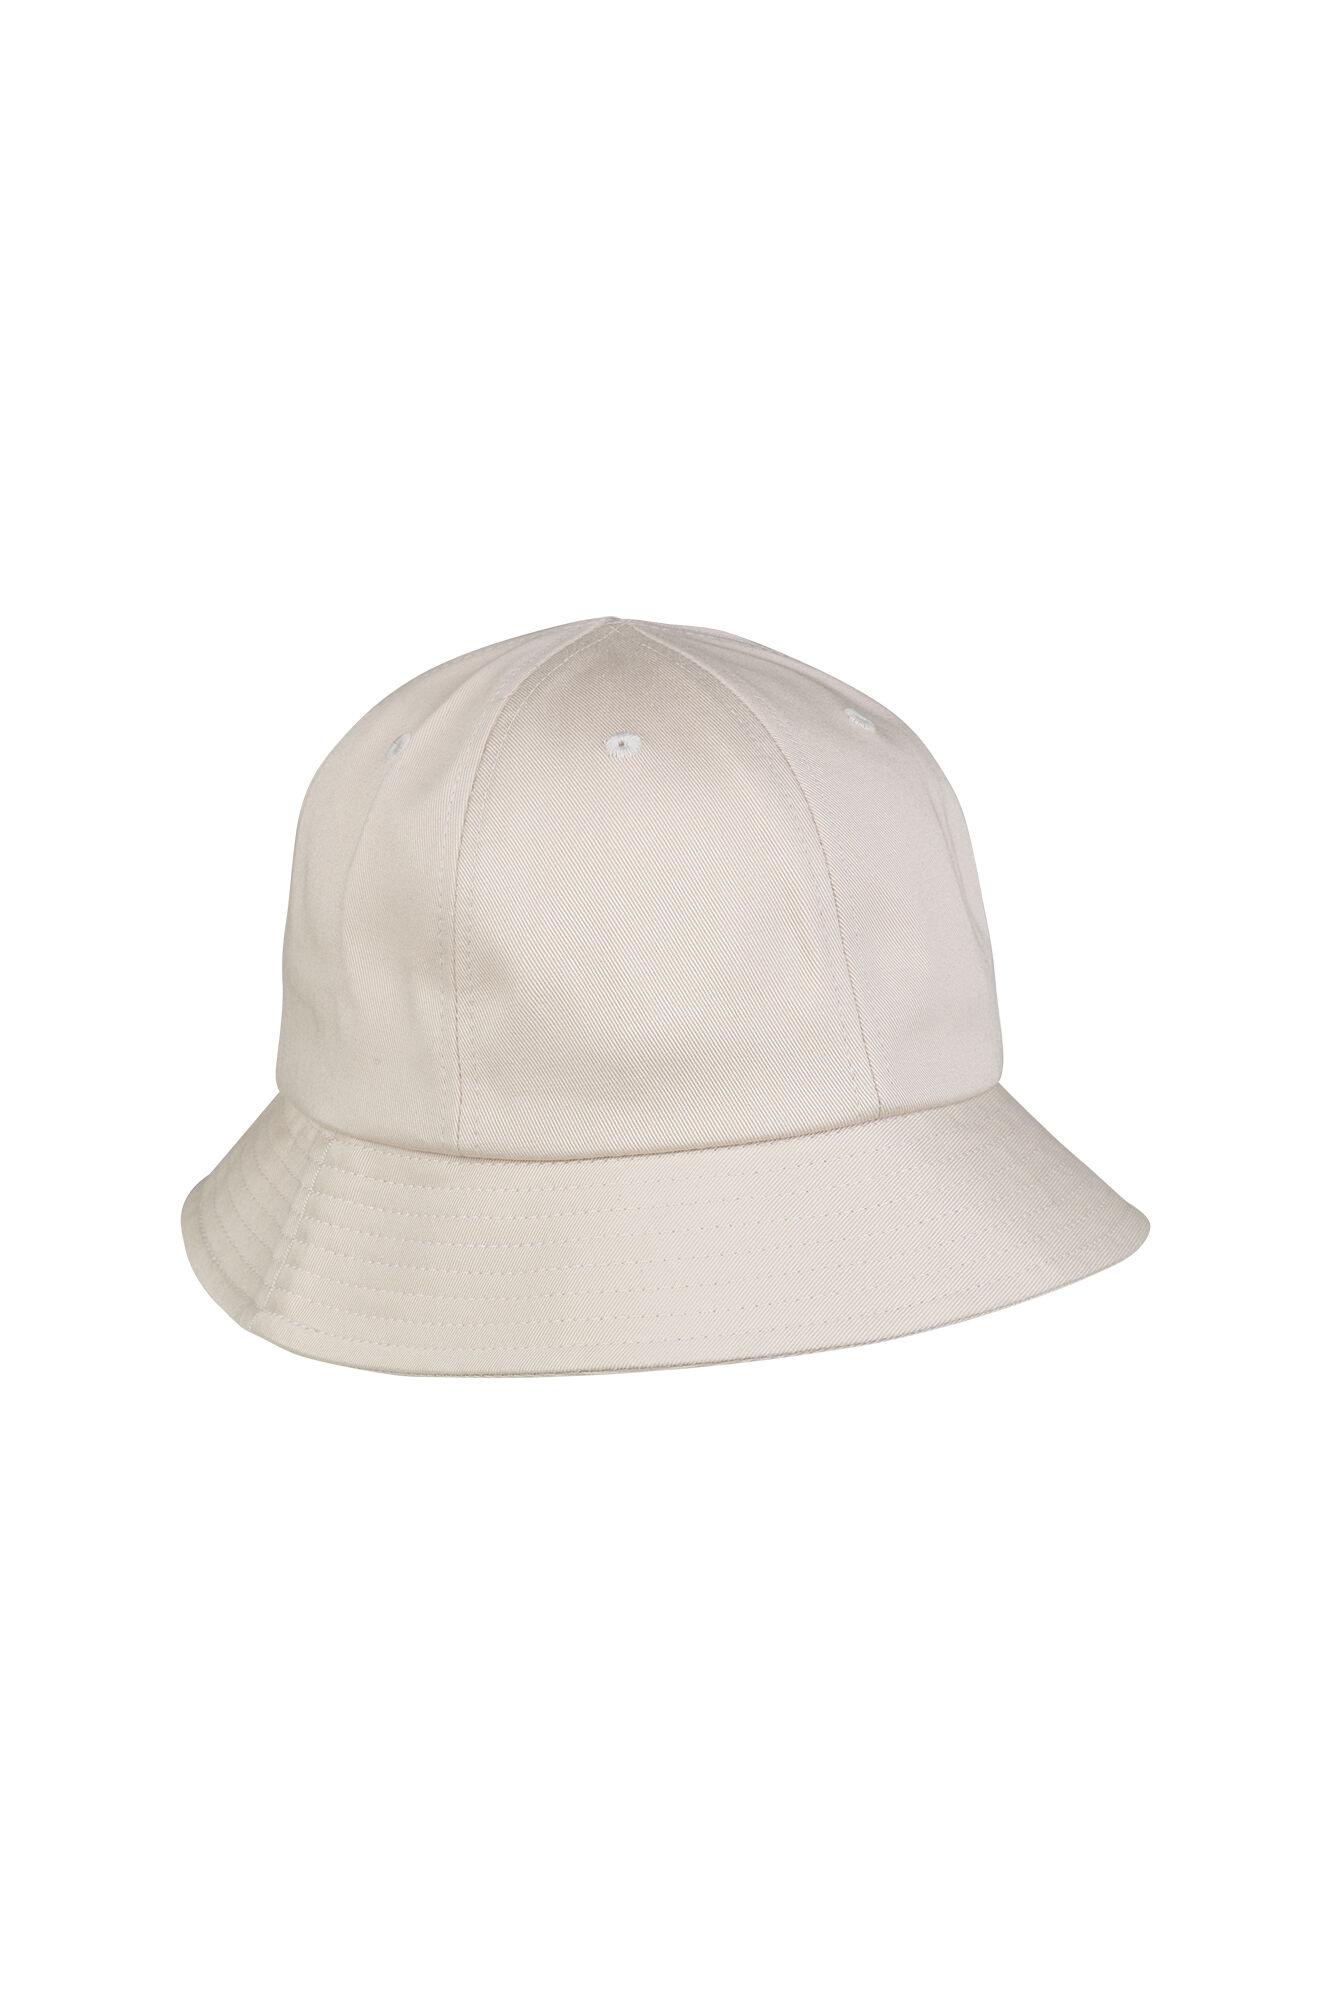 ENLAGOS HAT 6590